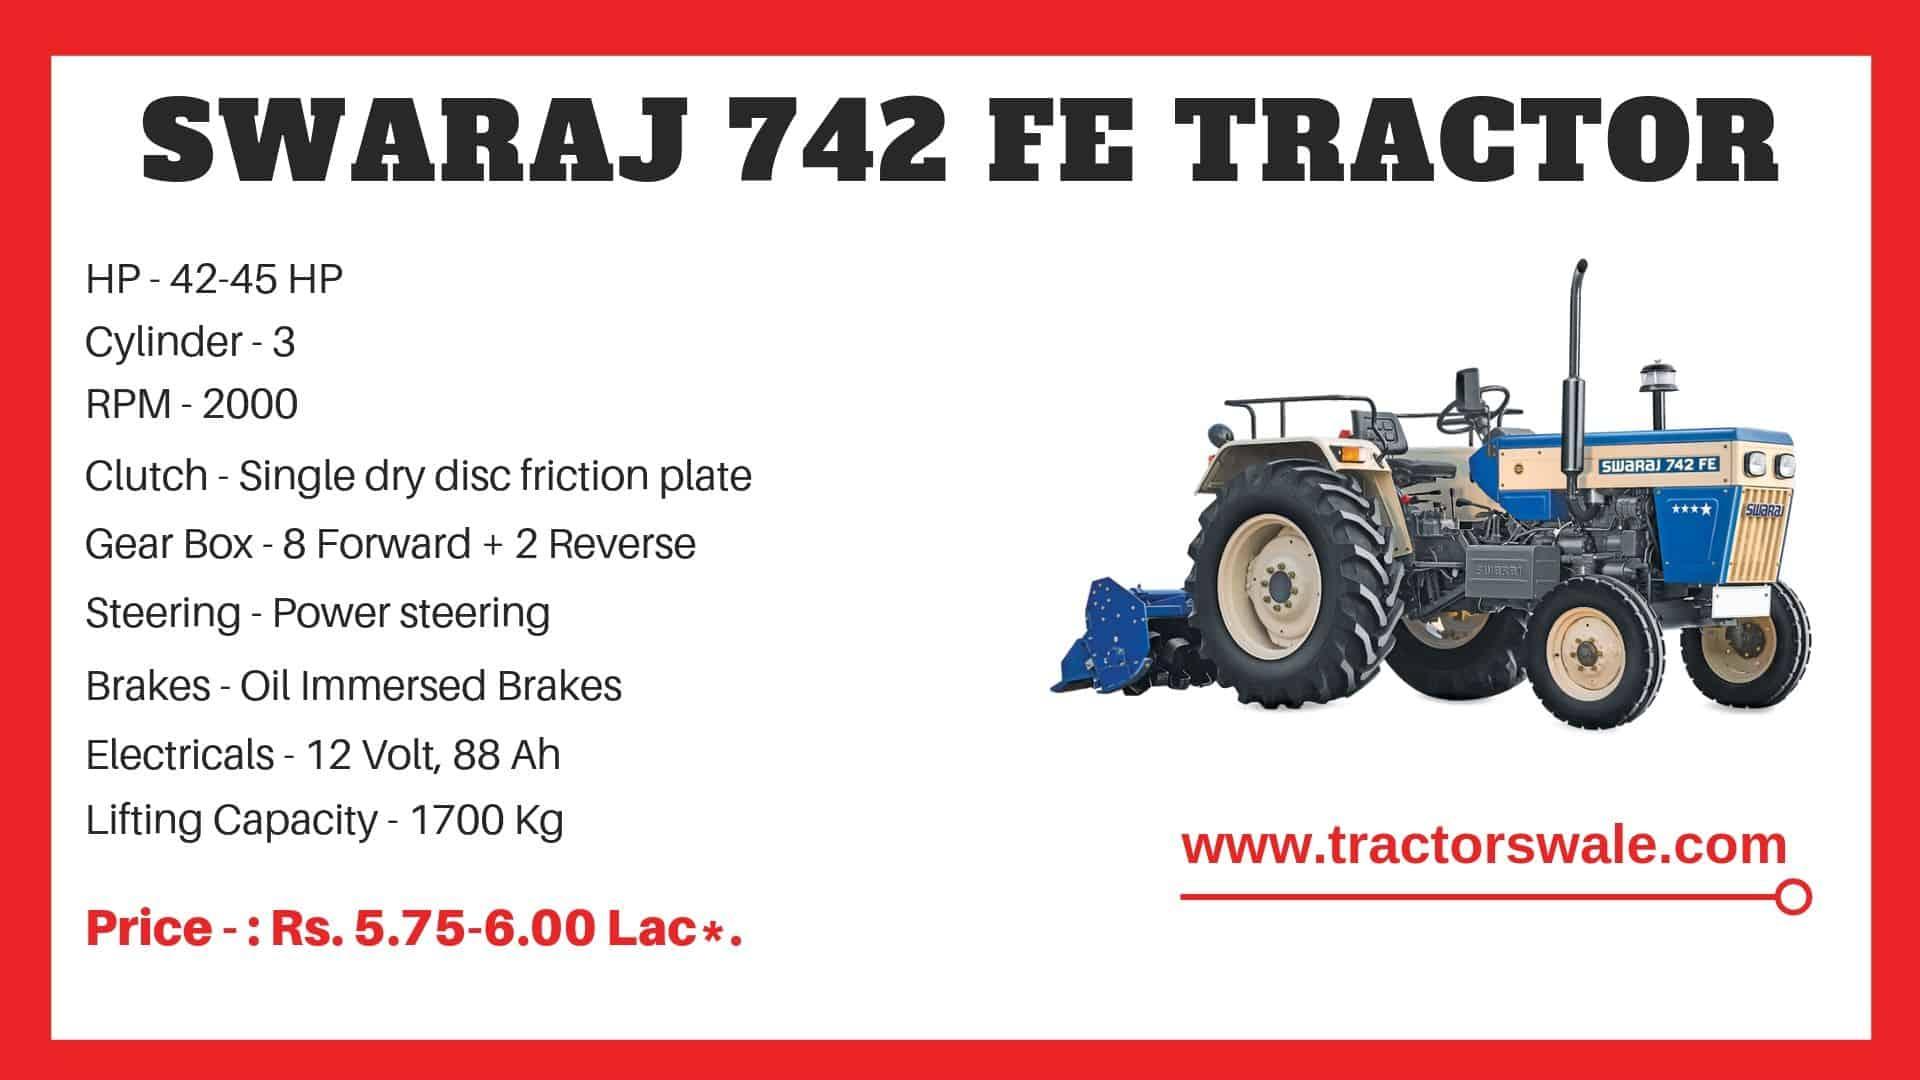 Specification of Swaraj 742 FE Tractor Model